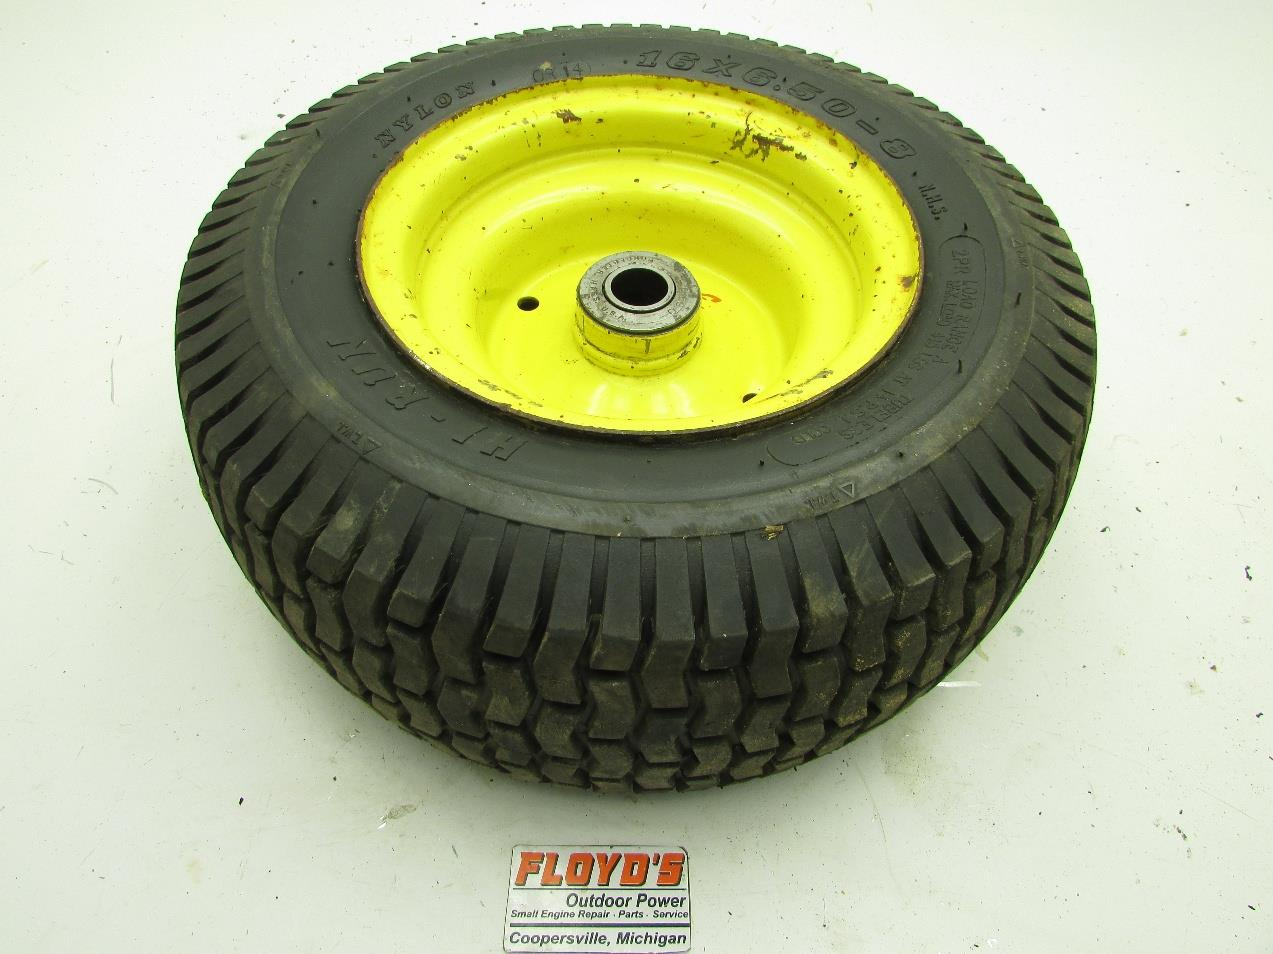 For John Deere Garden Tractor Wheel Rims : John deere lawn tractor front wheel rim tire am